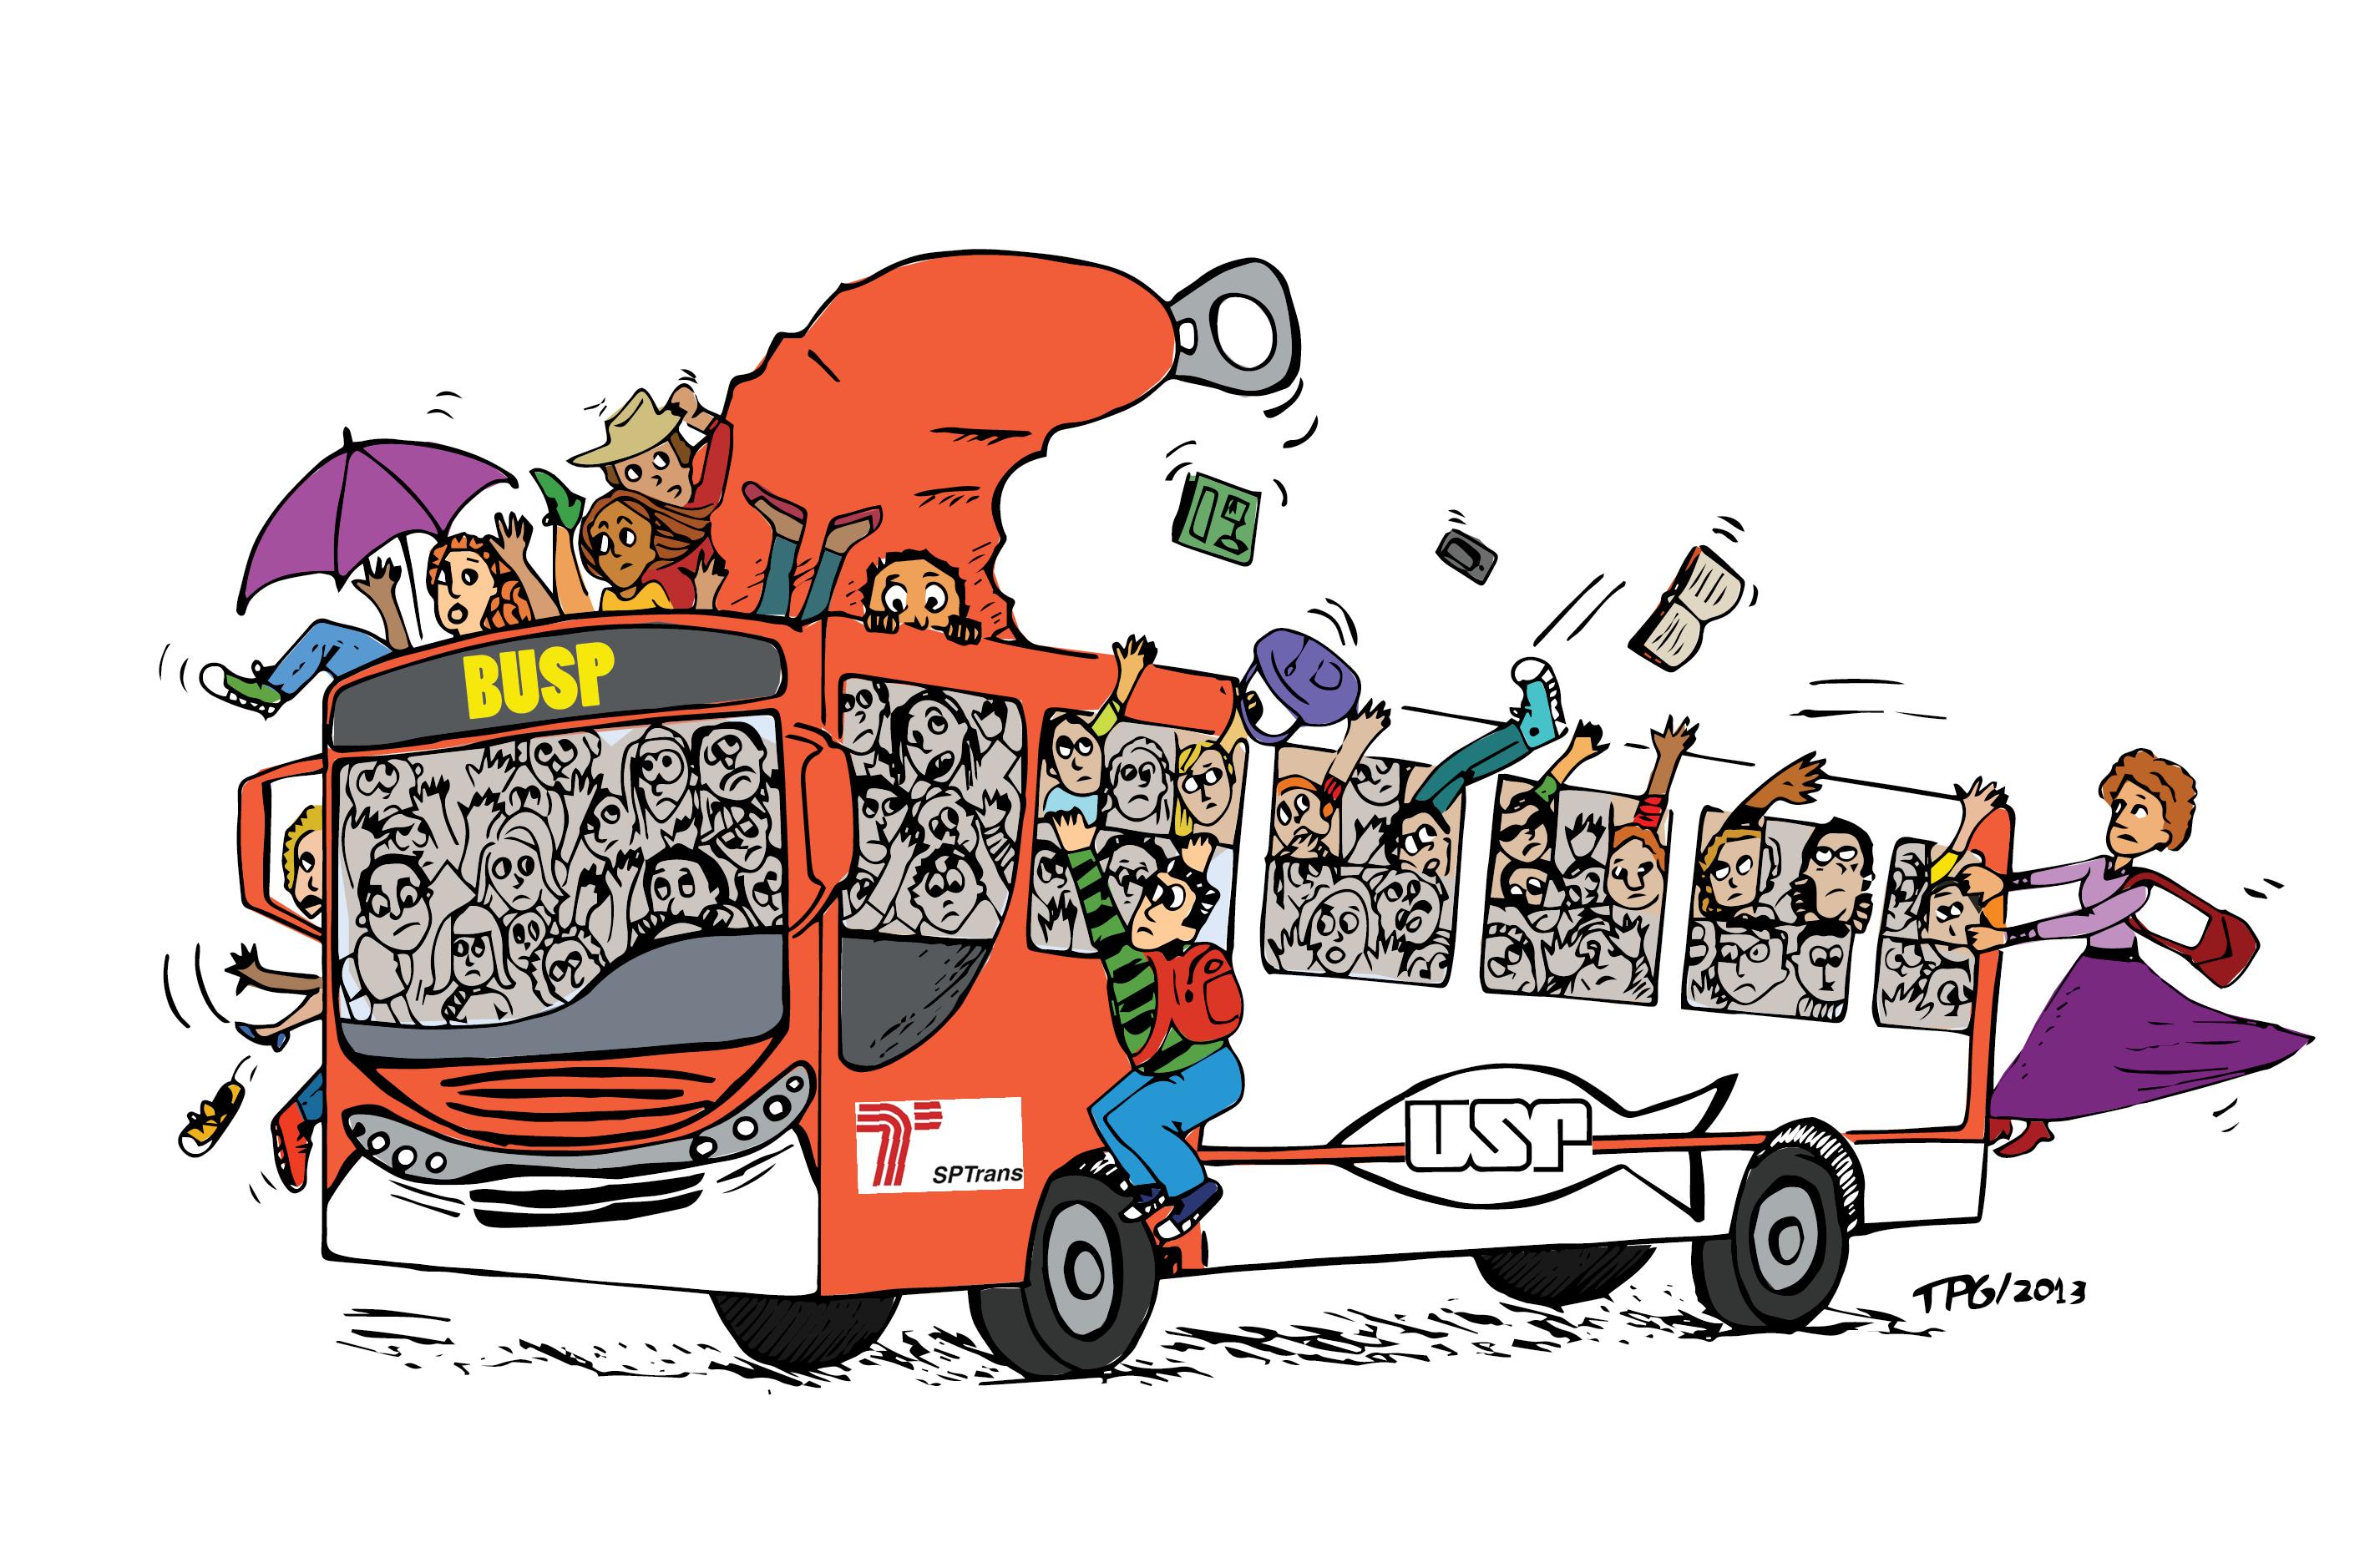 Relatos De Encoxadas En El Bus | Noticias de los Mundos